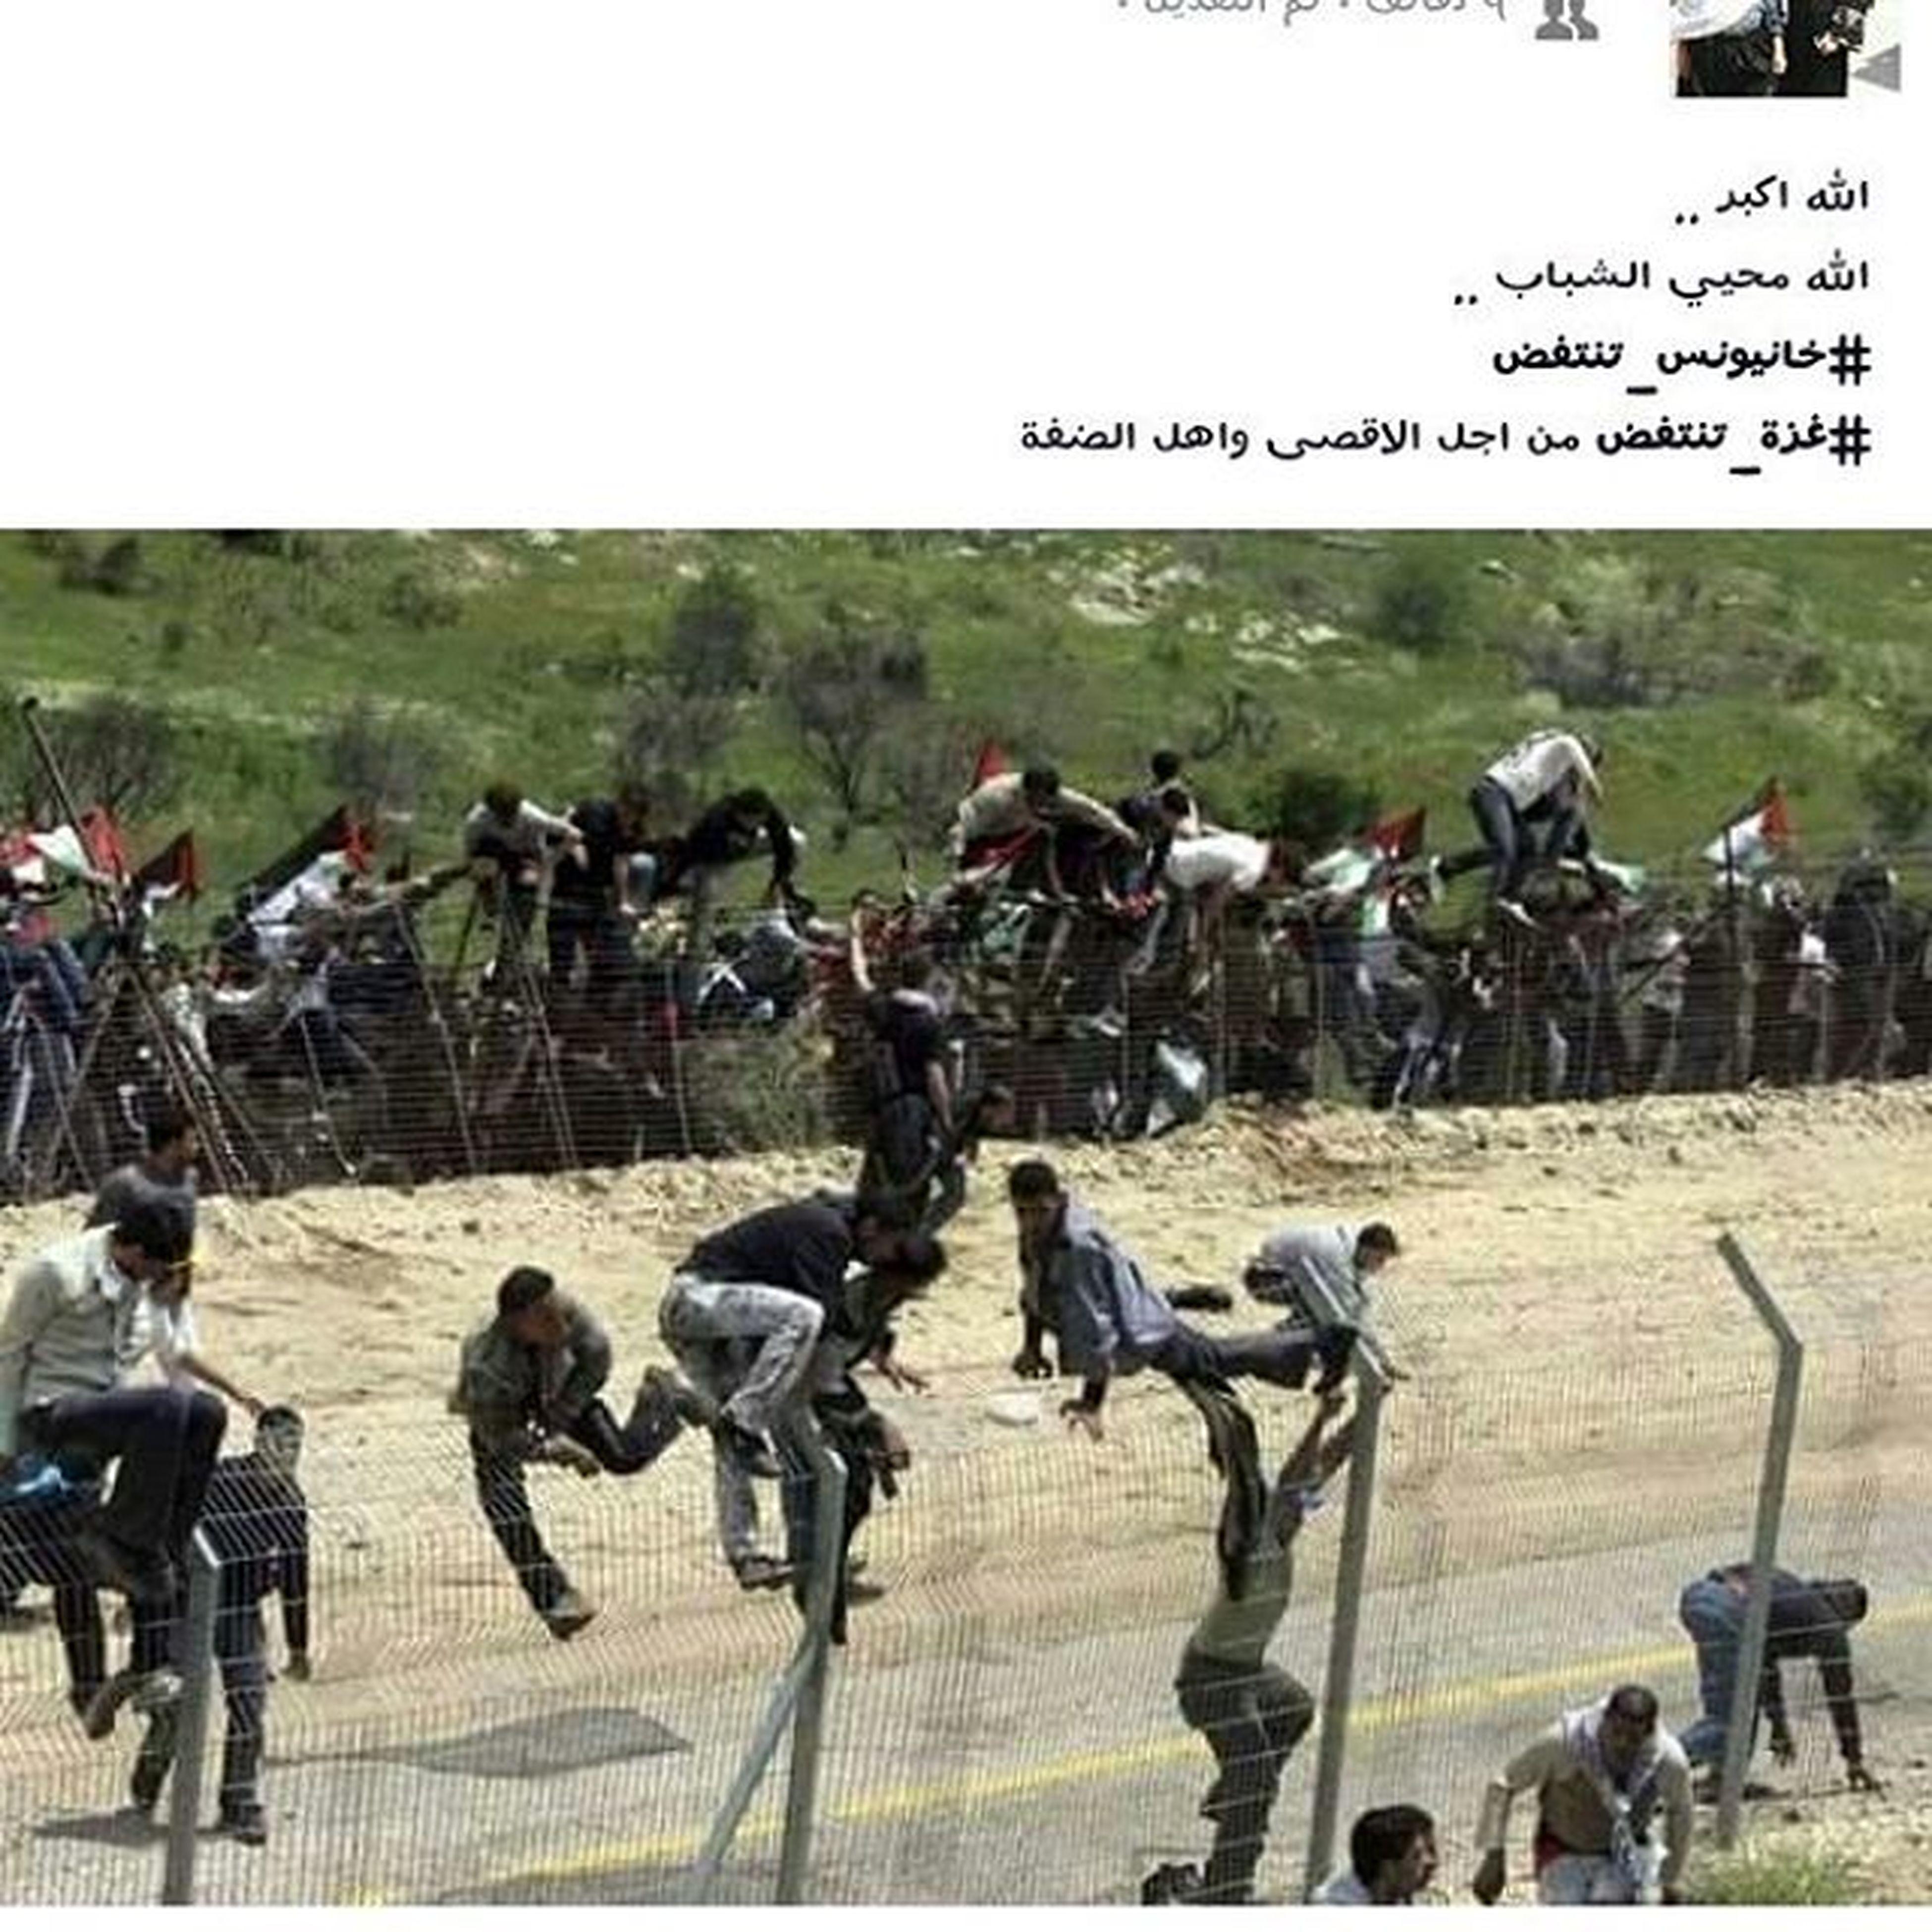 خانيونس_تنتفض غزة_تنتفض